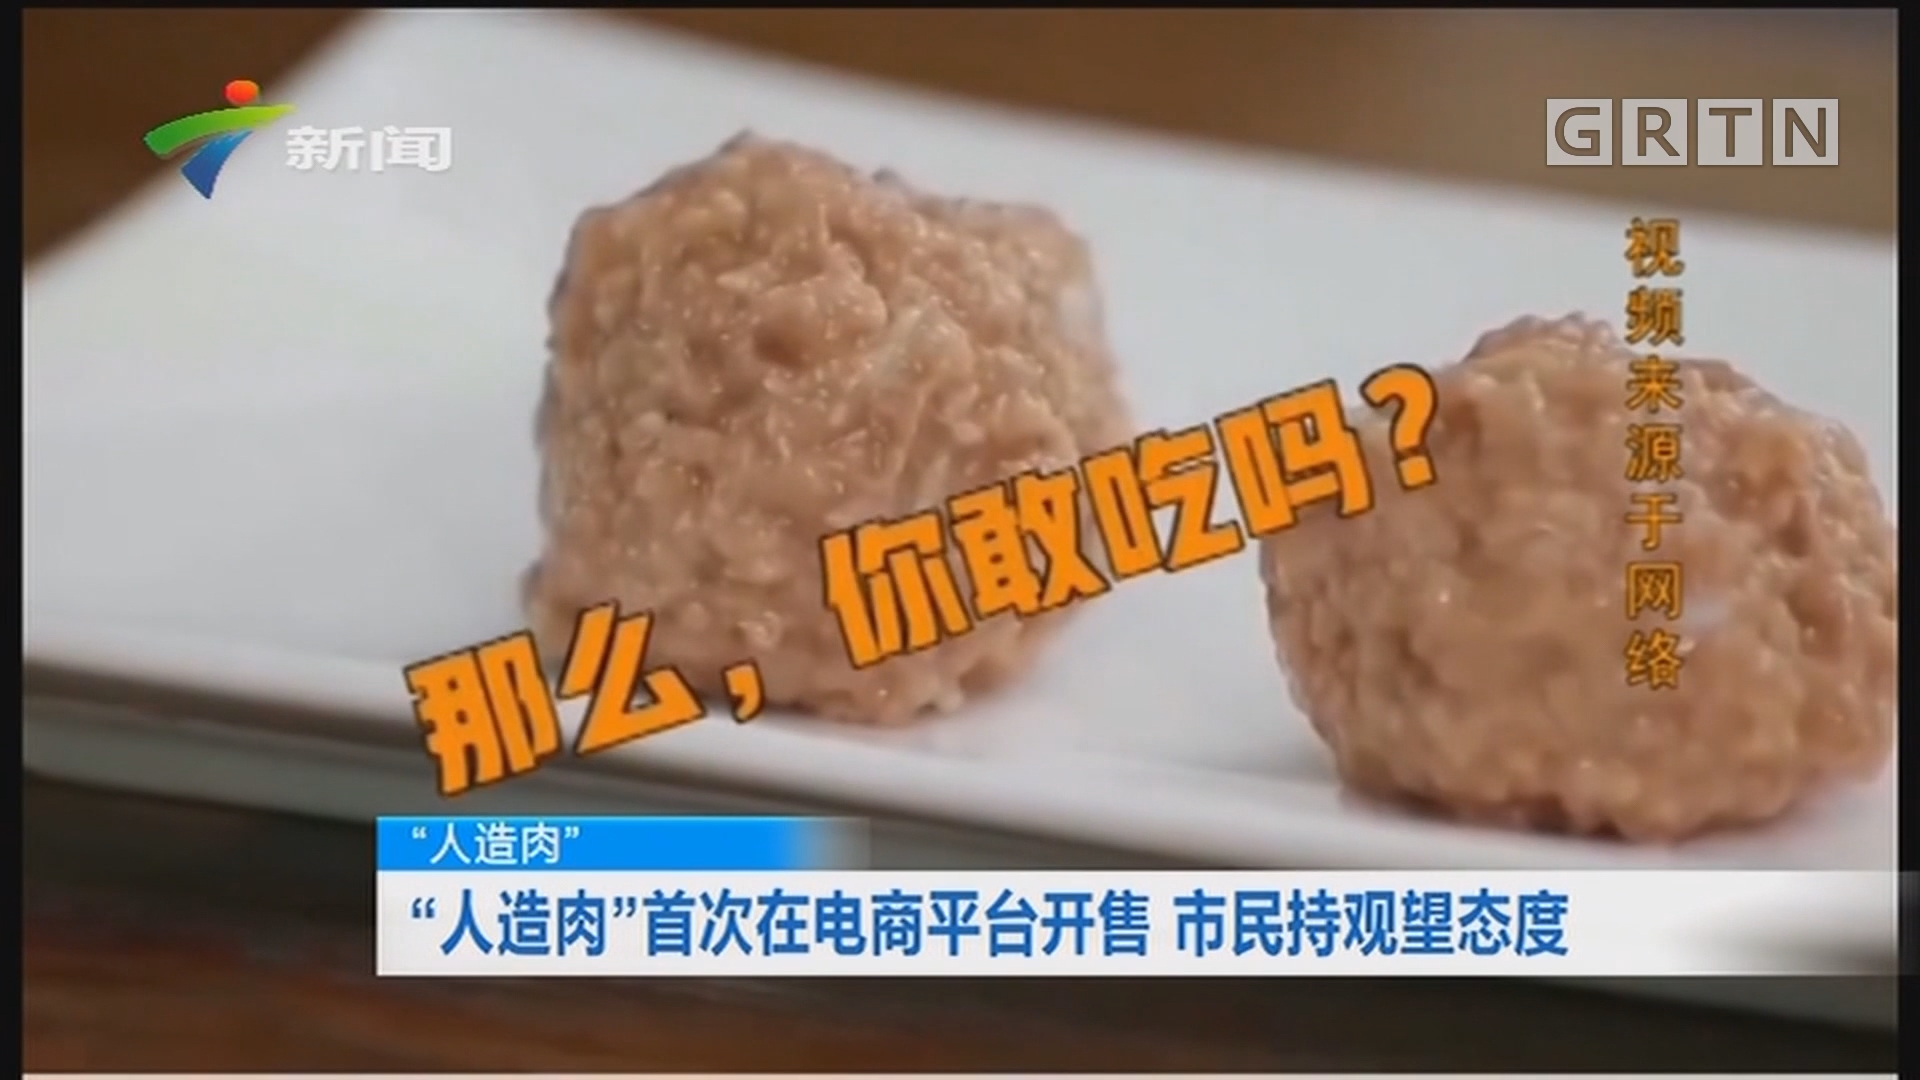 """""""人造肉"""":""""人造肉""""首次在电商平台开售 市民持观望态度"""